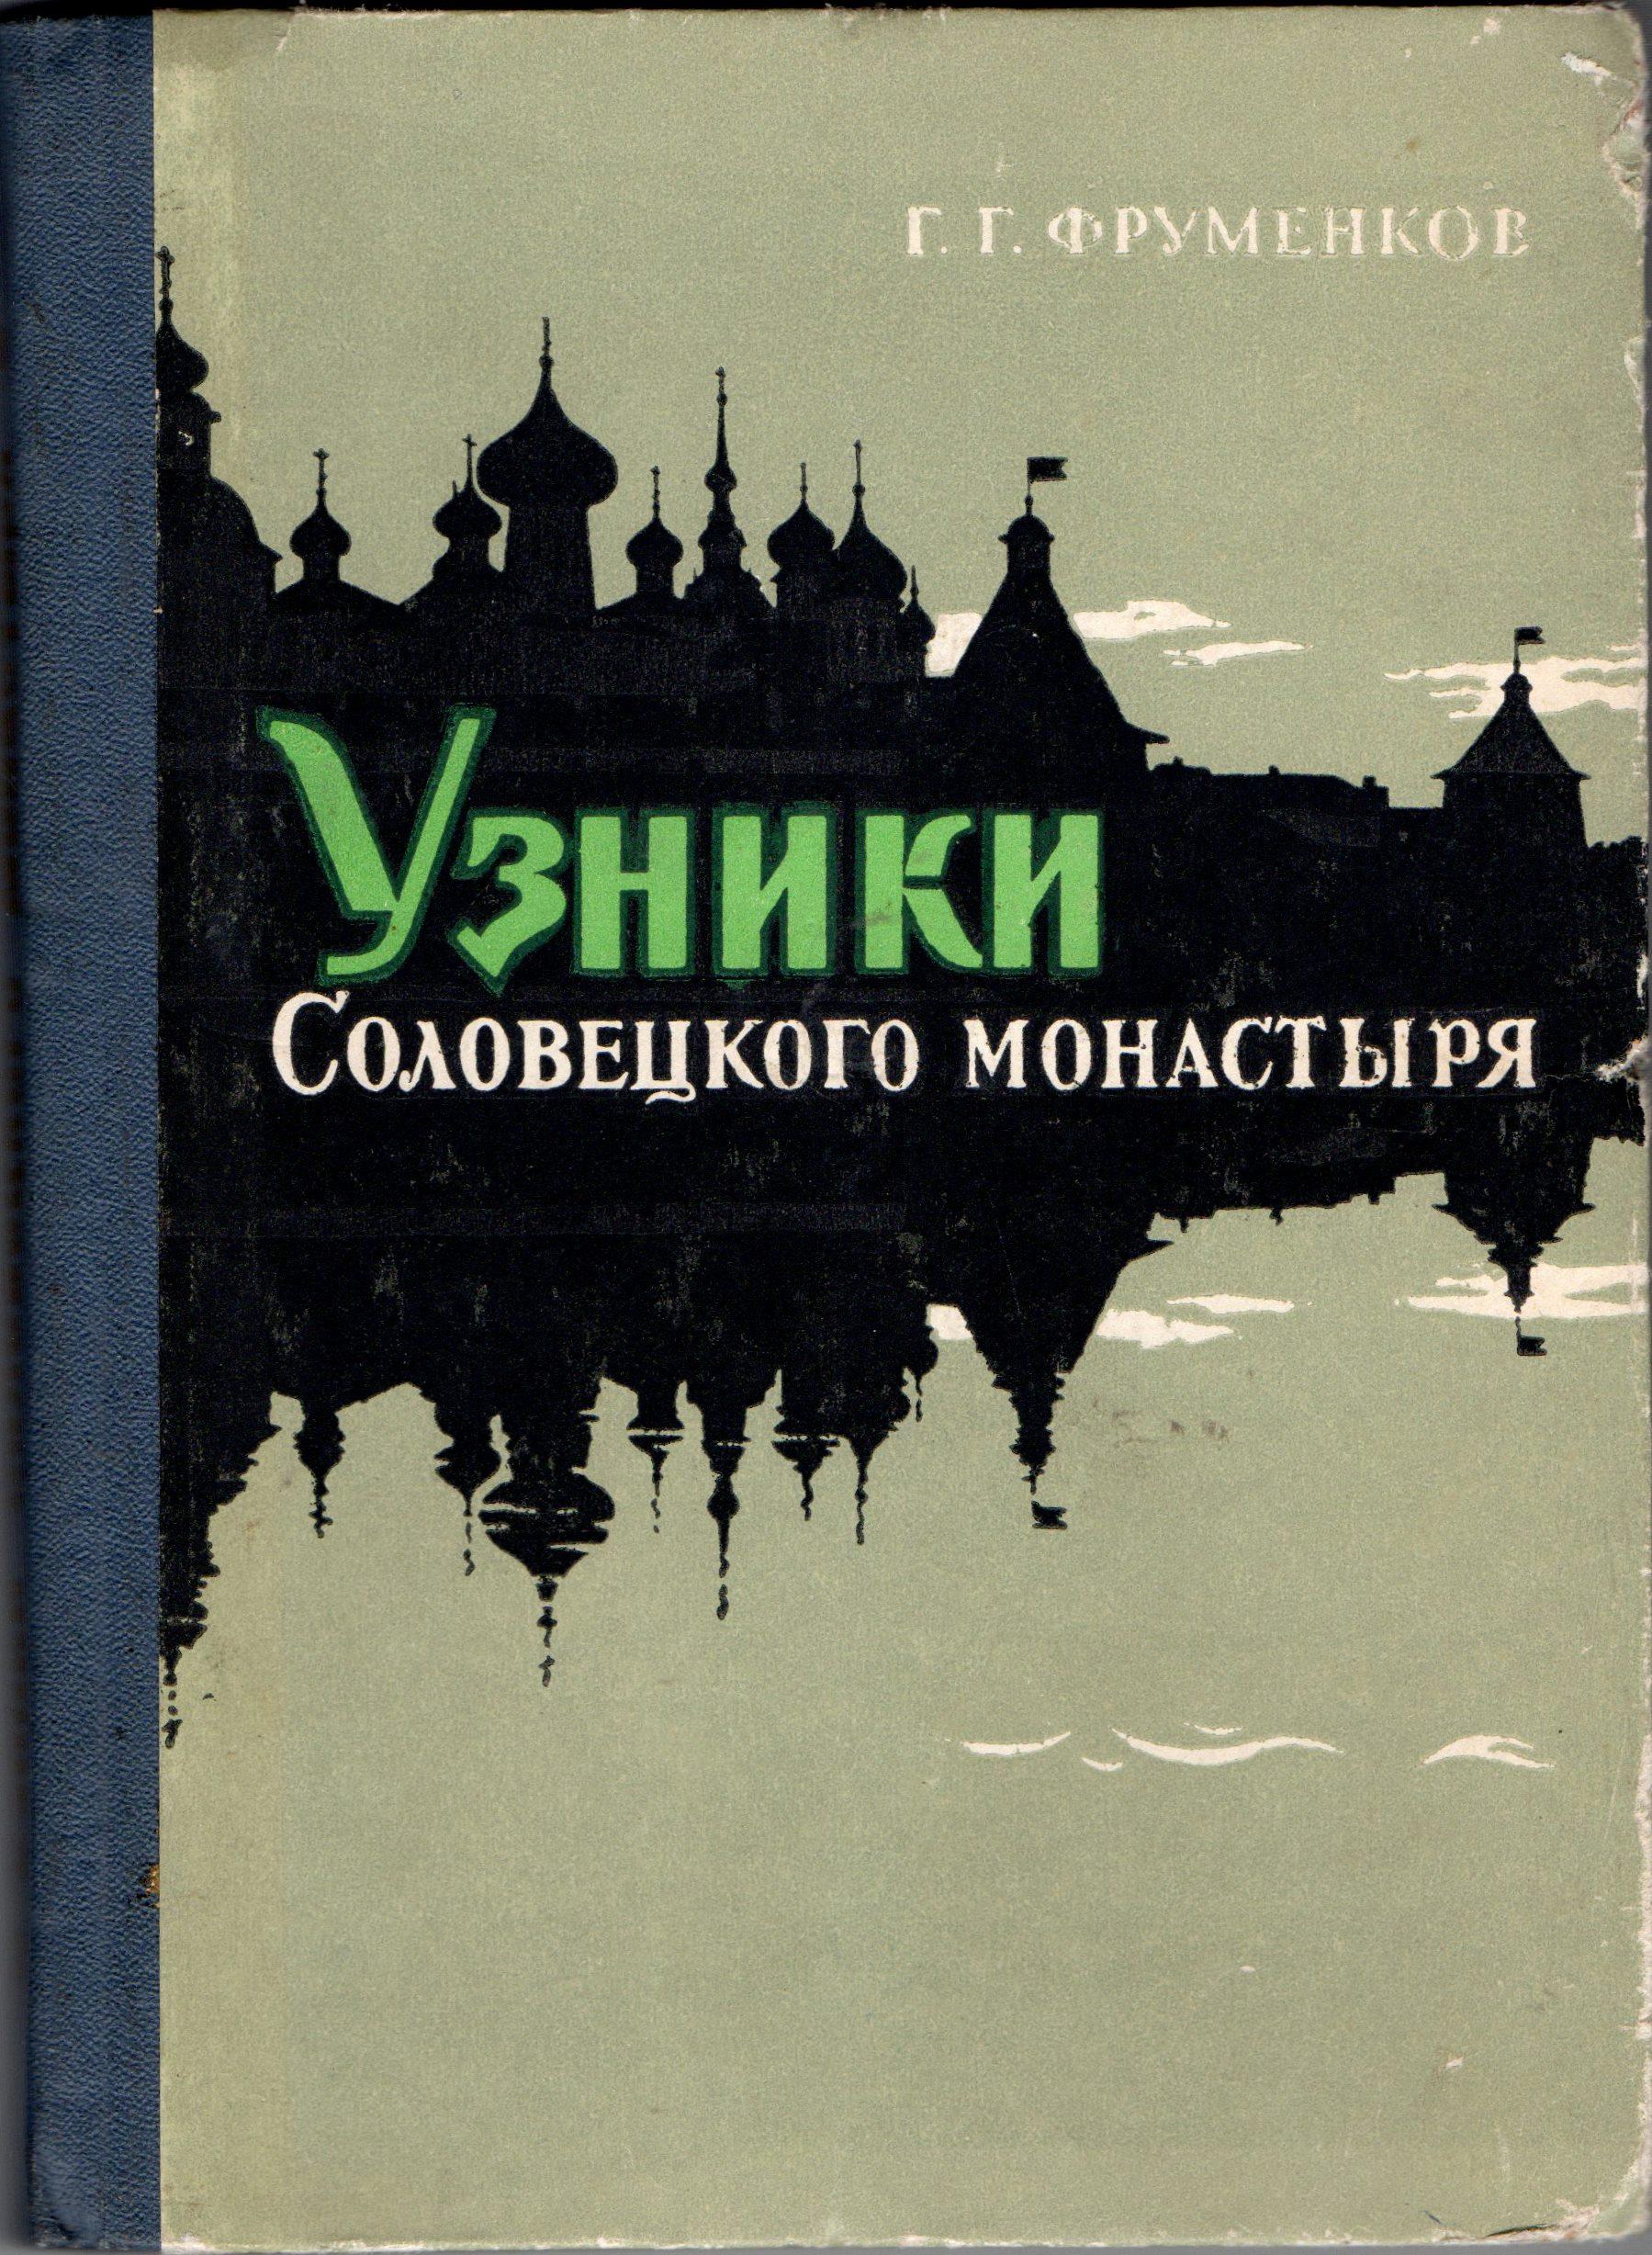 """Книга """"Фруменков Г. Г. """"Узники Соловецкого монастиря"""""""